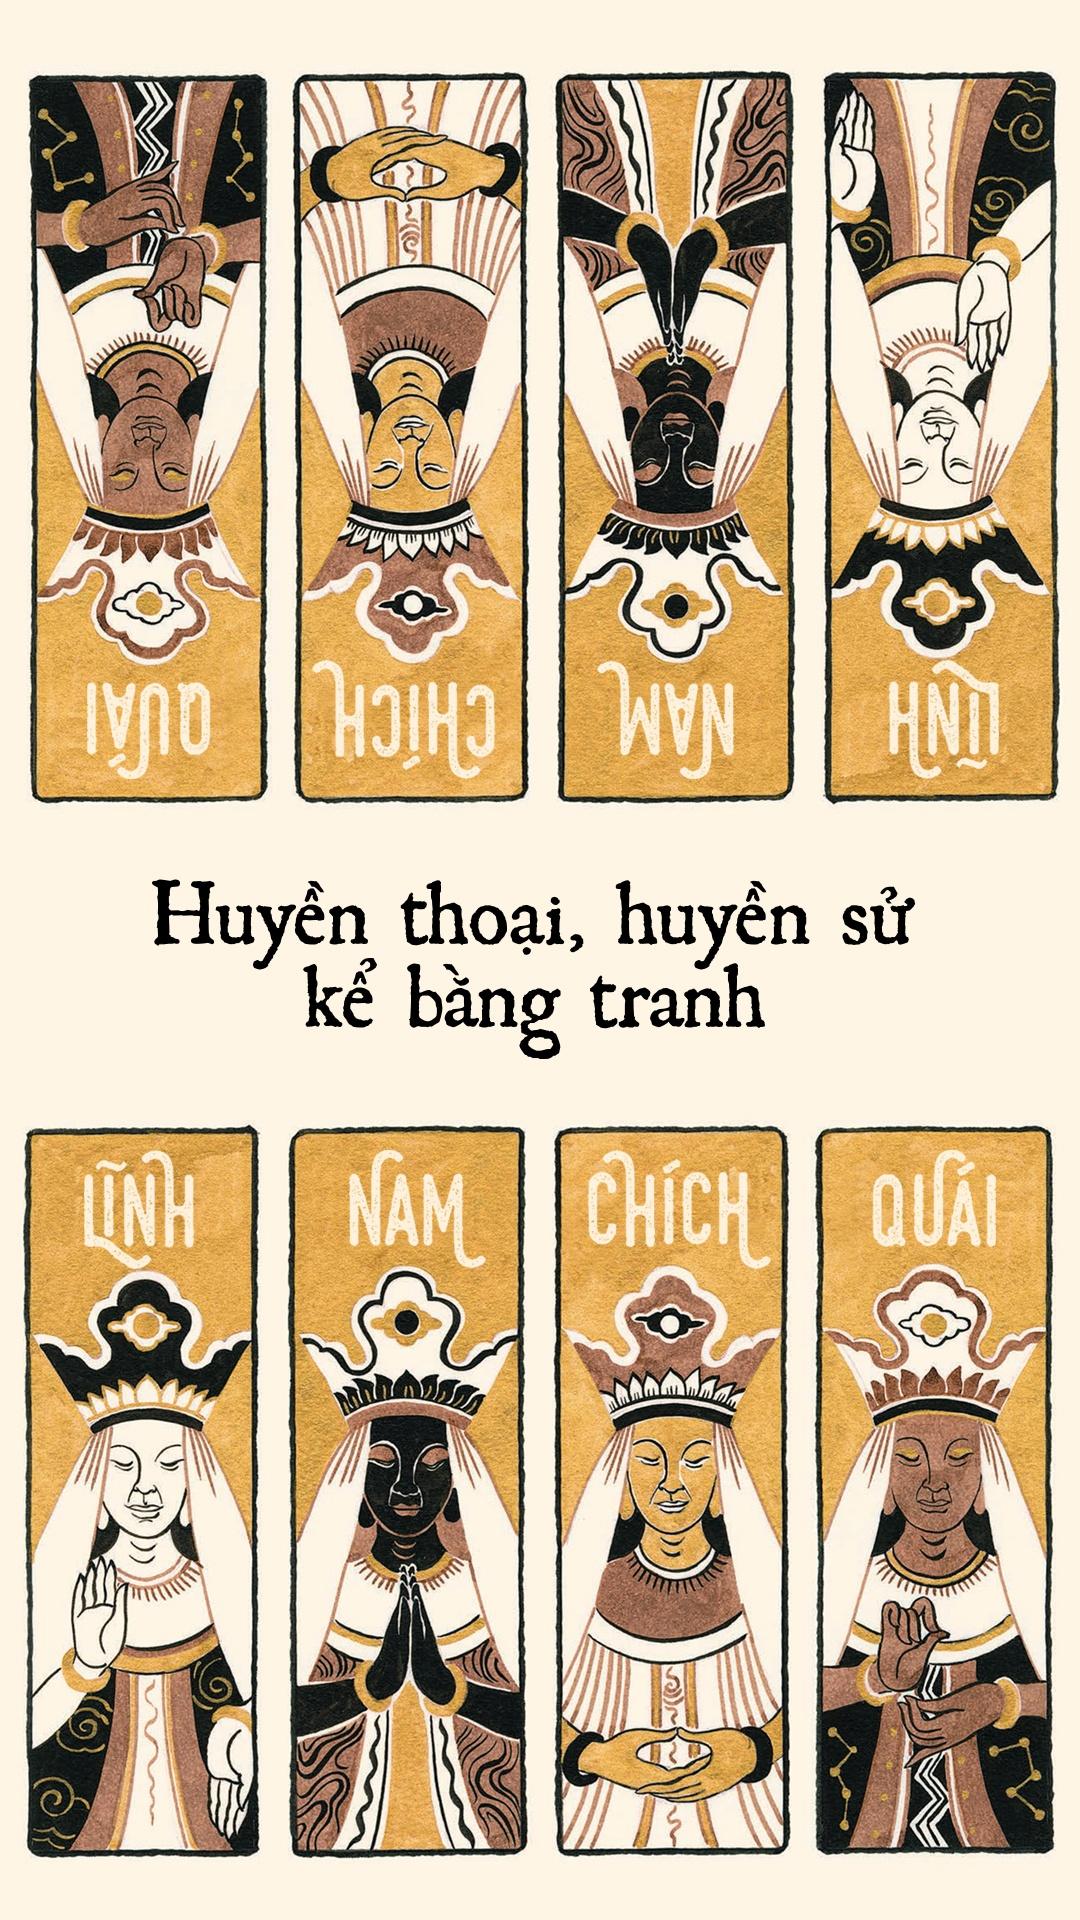 'Linh Nam chich quai' - huyen thoai, huyen su ke bang tranh hinh anh 1